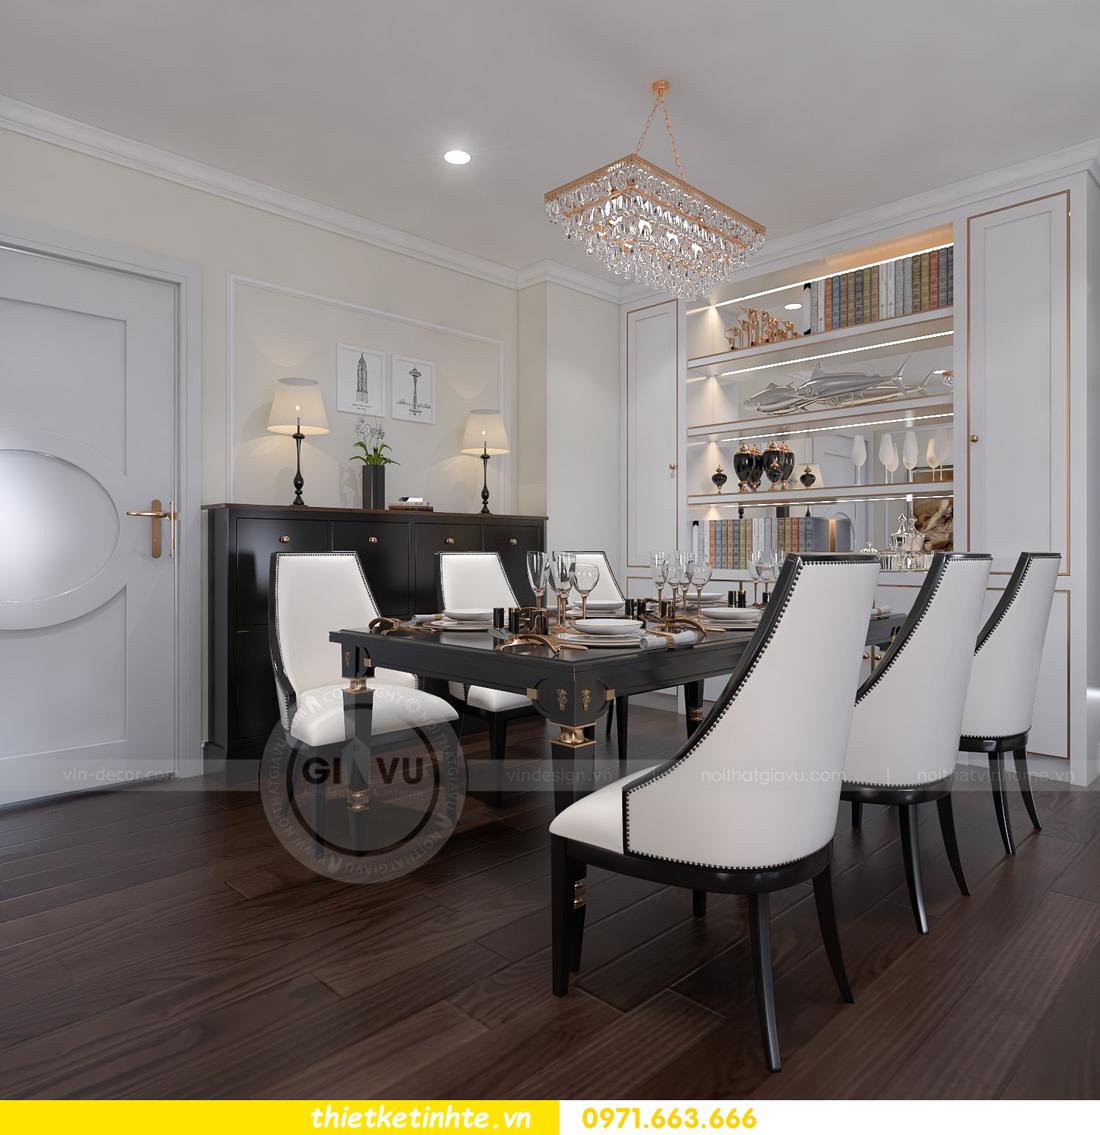 thiết kế thi công nội thất chung cư D Capitale đẹp tinh tế 04